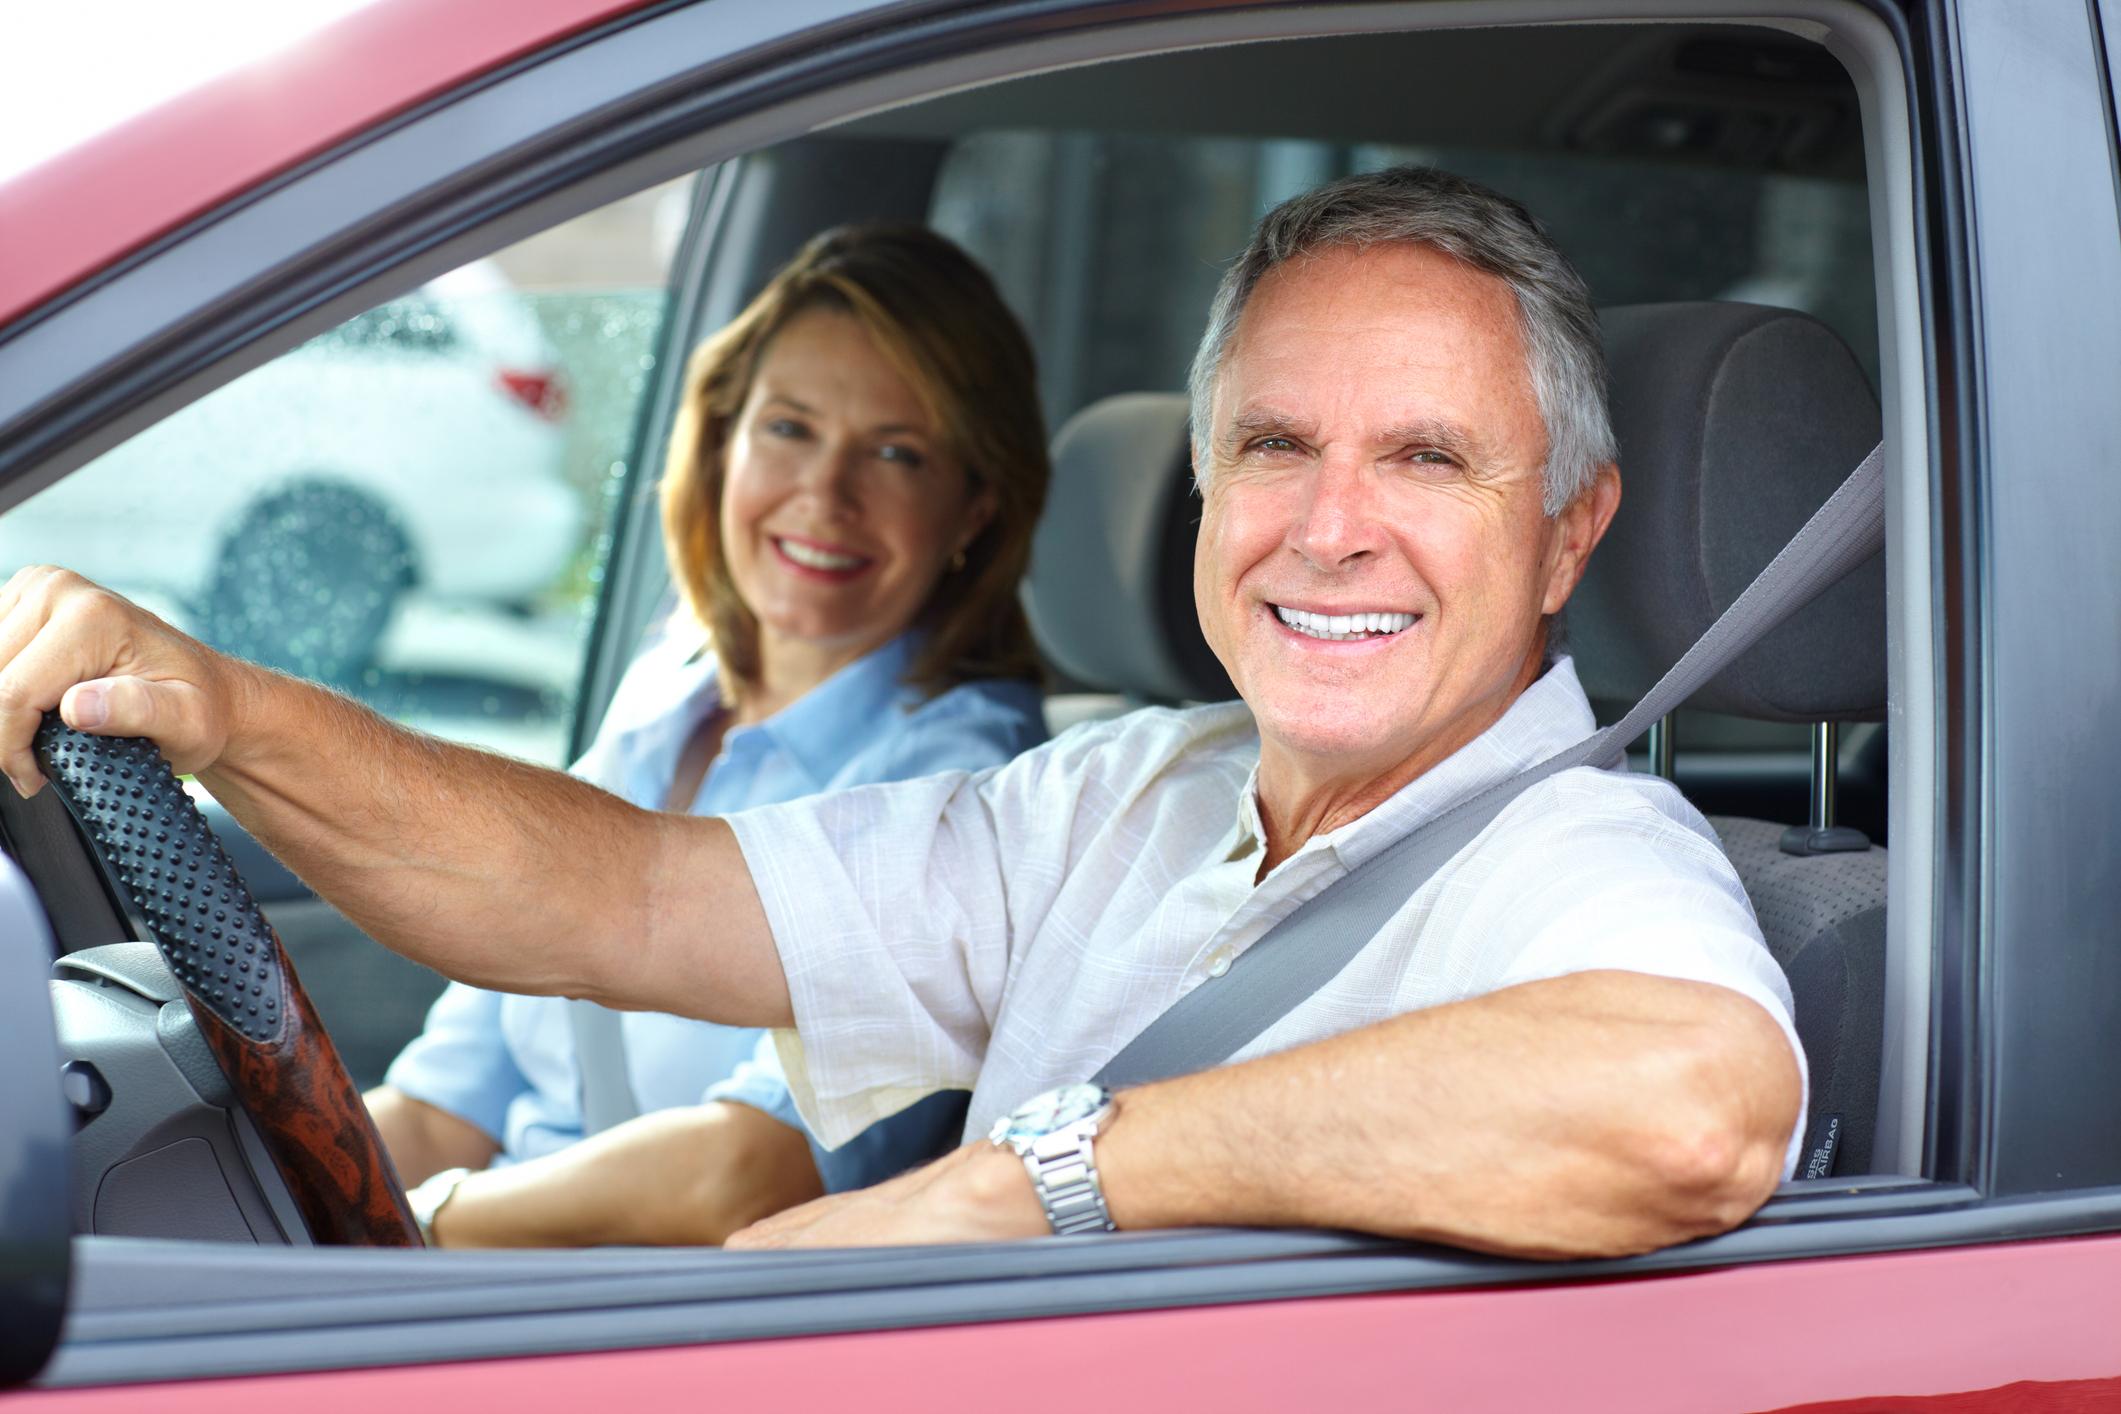 RI Personal Auto Insurance